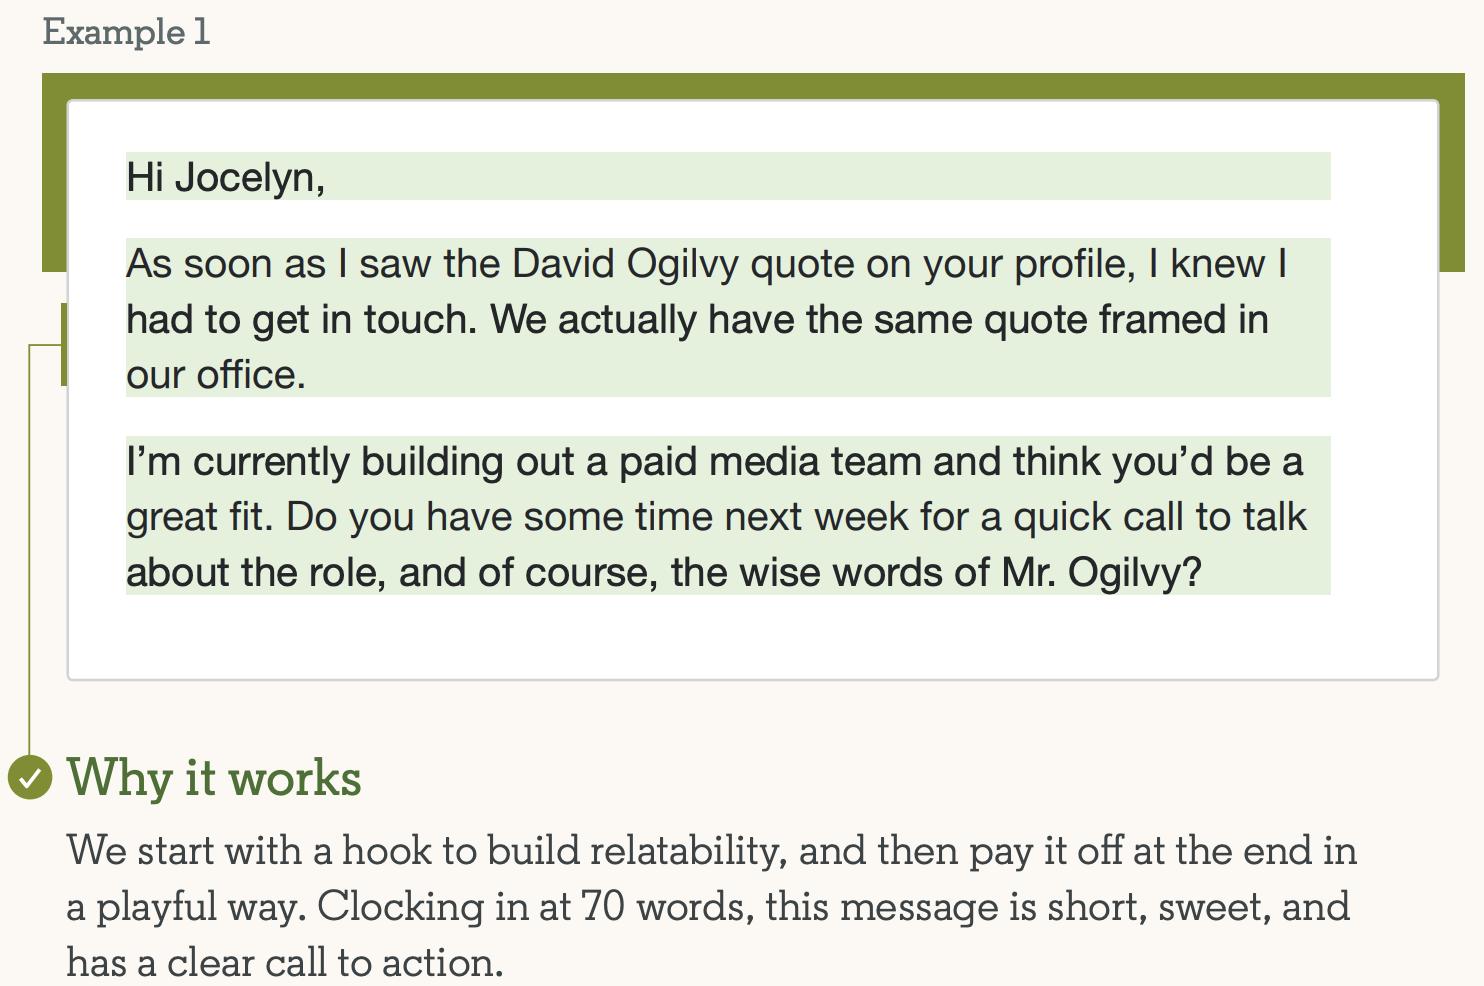 Пример №1 успешного сообщения InMail: Привет, Джоселин! Как только я увидел цитату Дэвида Огилви в вашем профиле, я понял, что должен связаться с вами.  На самом деле у нас в офисе есть такая же цитата.  В настоящее время я создаю оплачиваемую команду СМИ и думаю, что вы мне отлично подойдете.  У вас будет время на следующей неделе для быстрого звонка, чтобы поговорить о роли и, конечно же, мудрых словах мистера Огилви?  Почему это работает: мы начинаем с прикола, чтобы повысить релятивность, а затем расплачивались за это в игровой форме.  Это короткое, приятное сообщение, состоящее из 70 слов, содержит четкий призыв к действию.